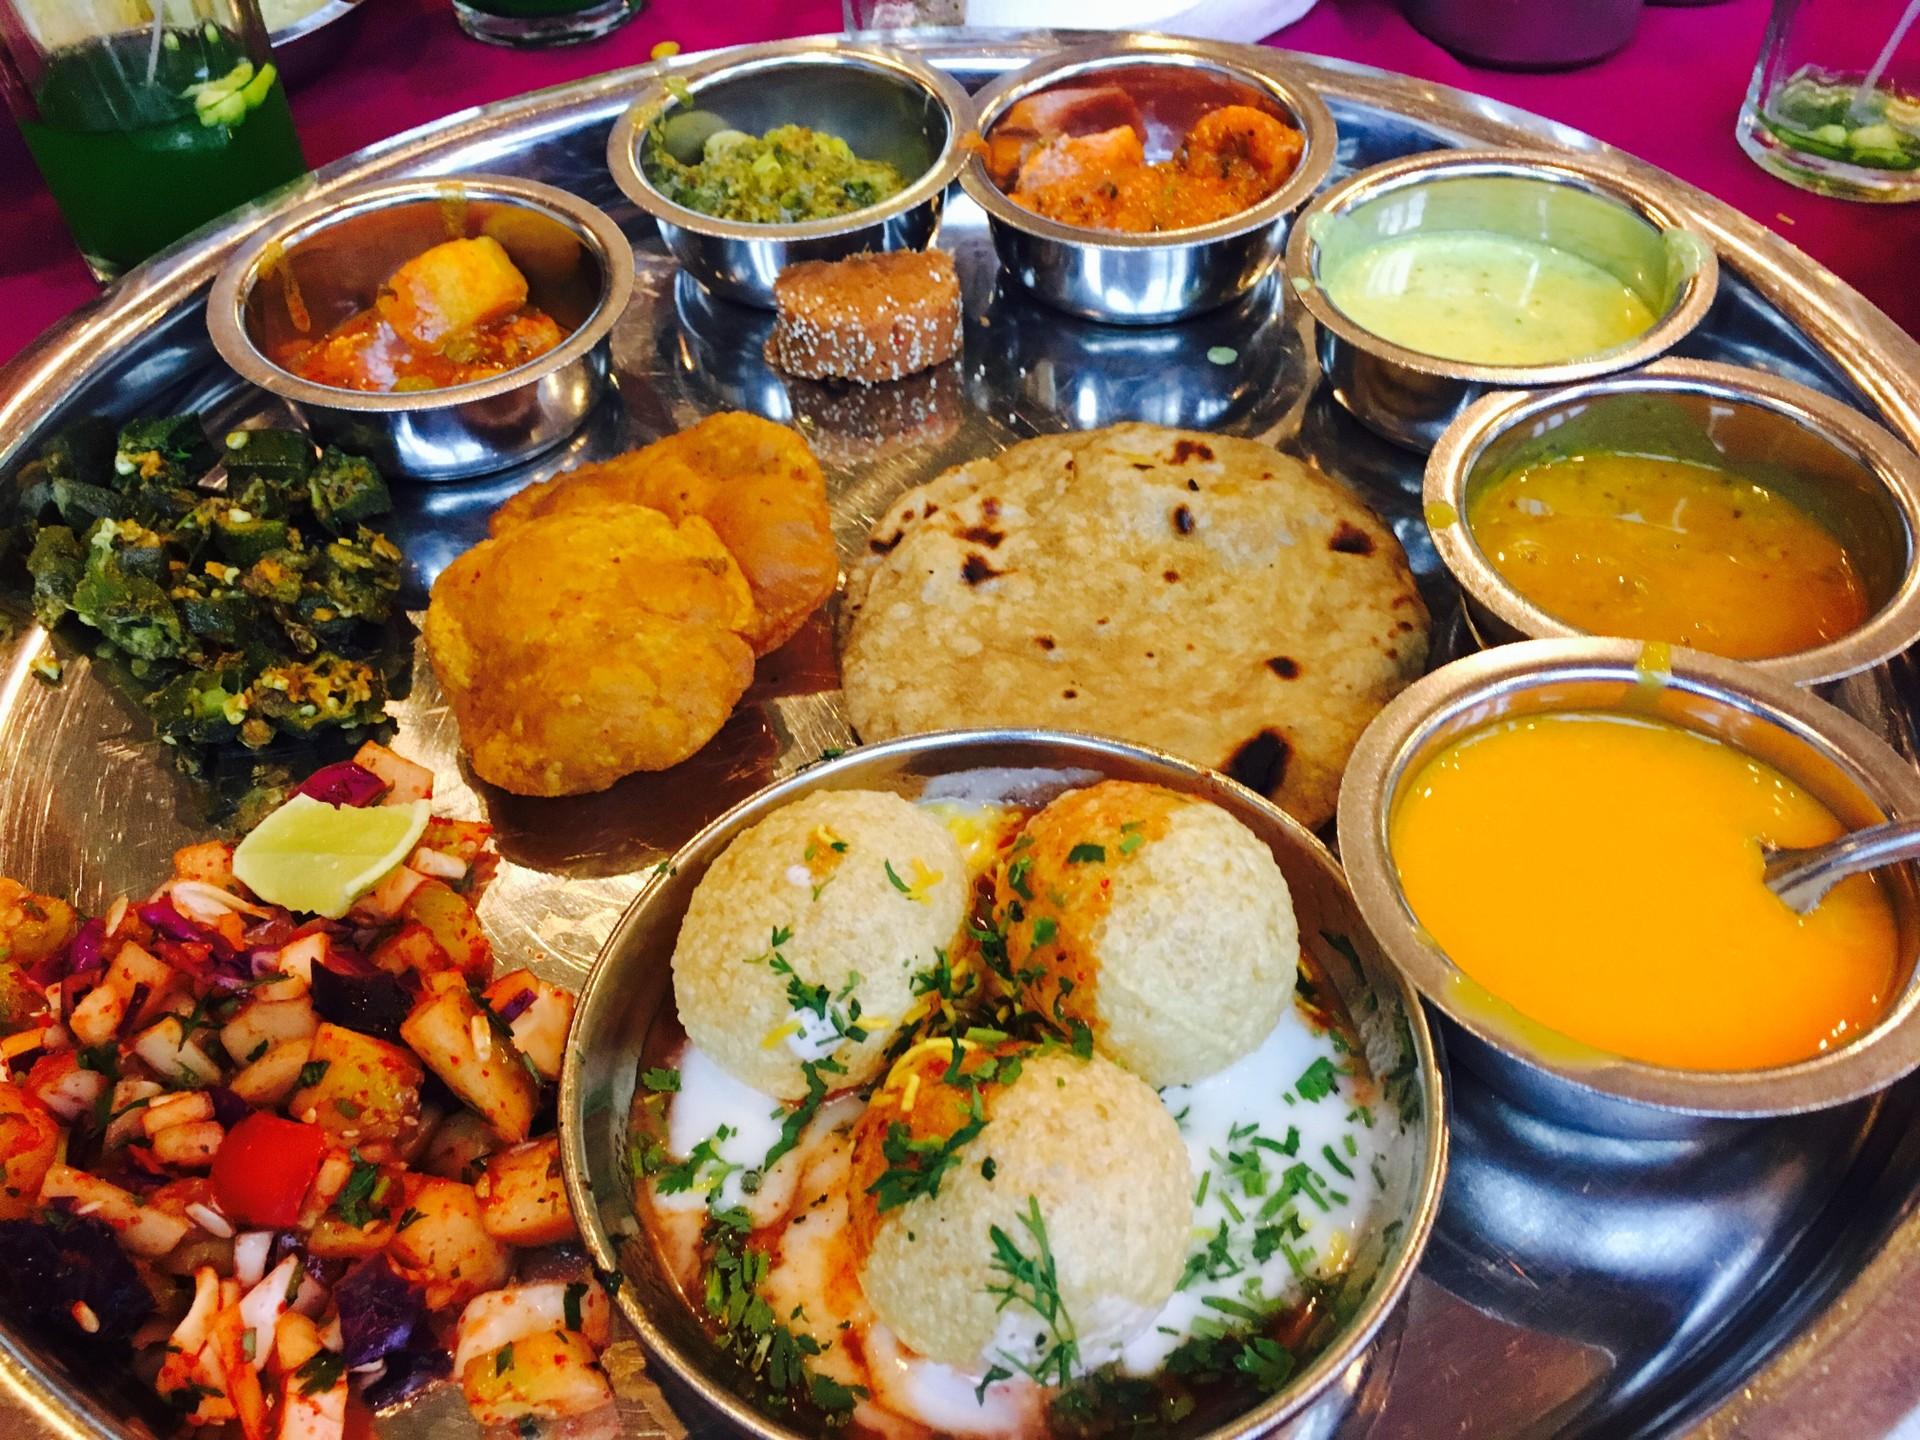 India food tour - Thali dishes